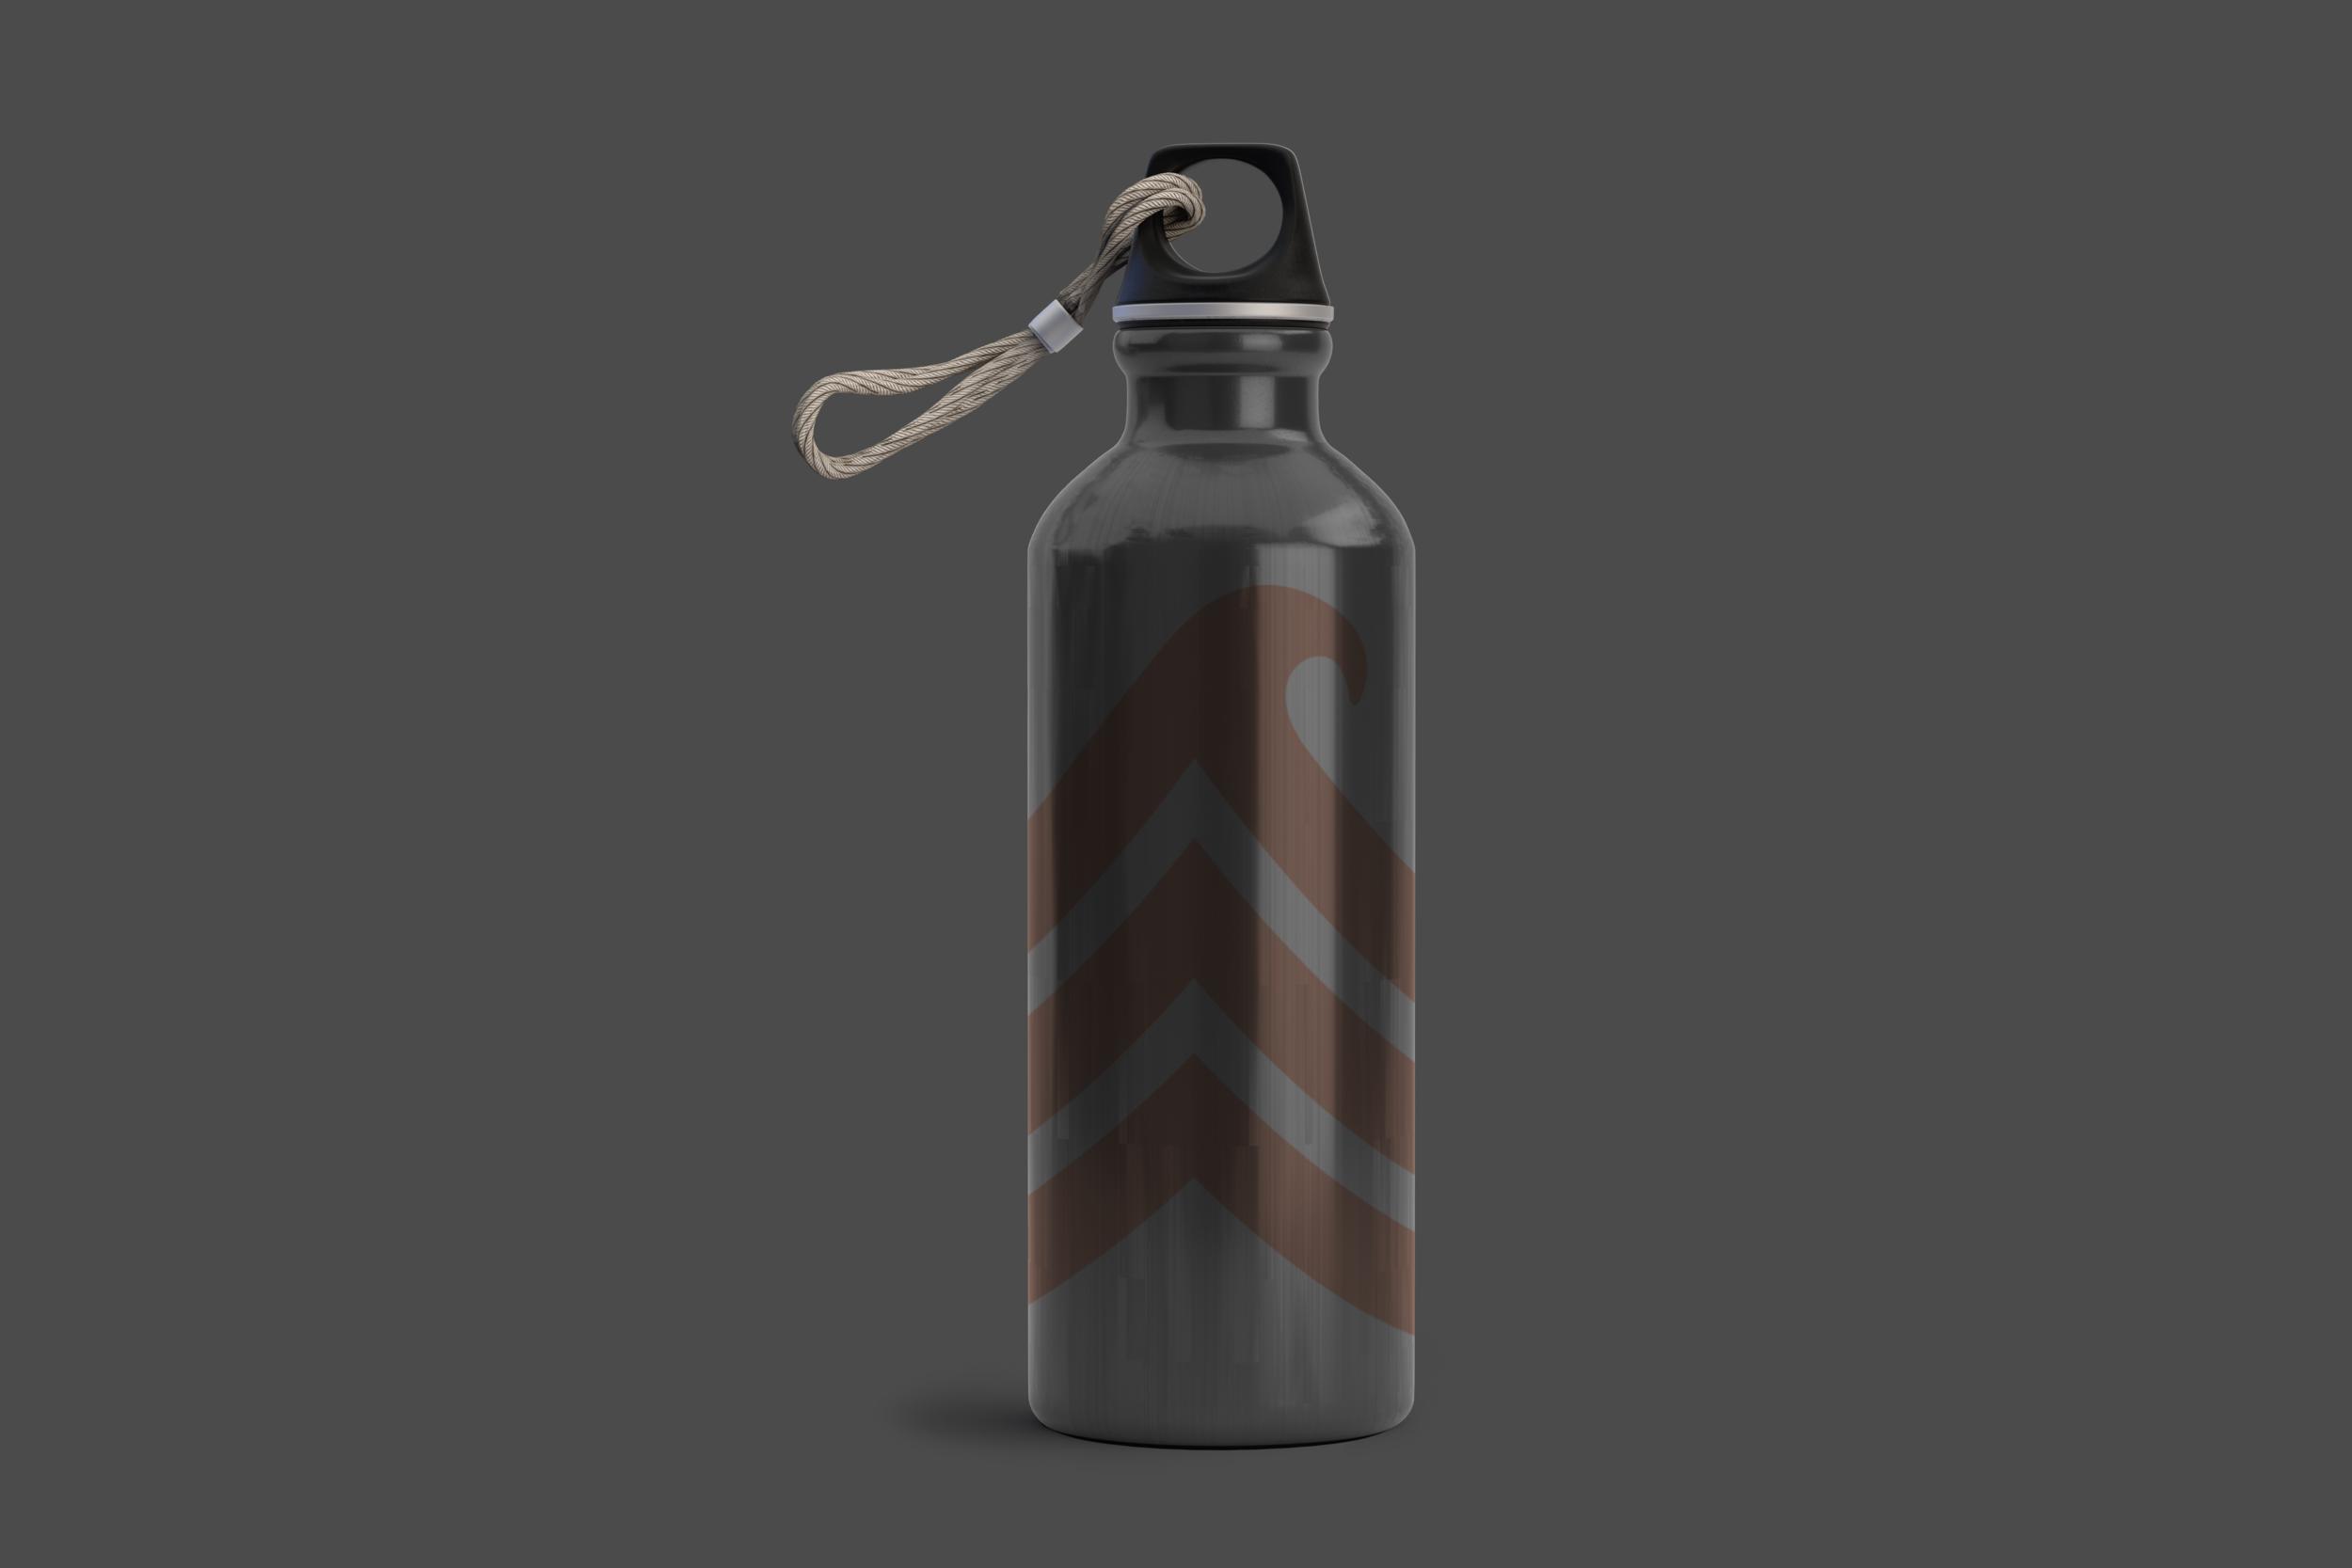 OA bottle Mockup 2.png